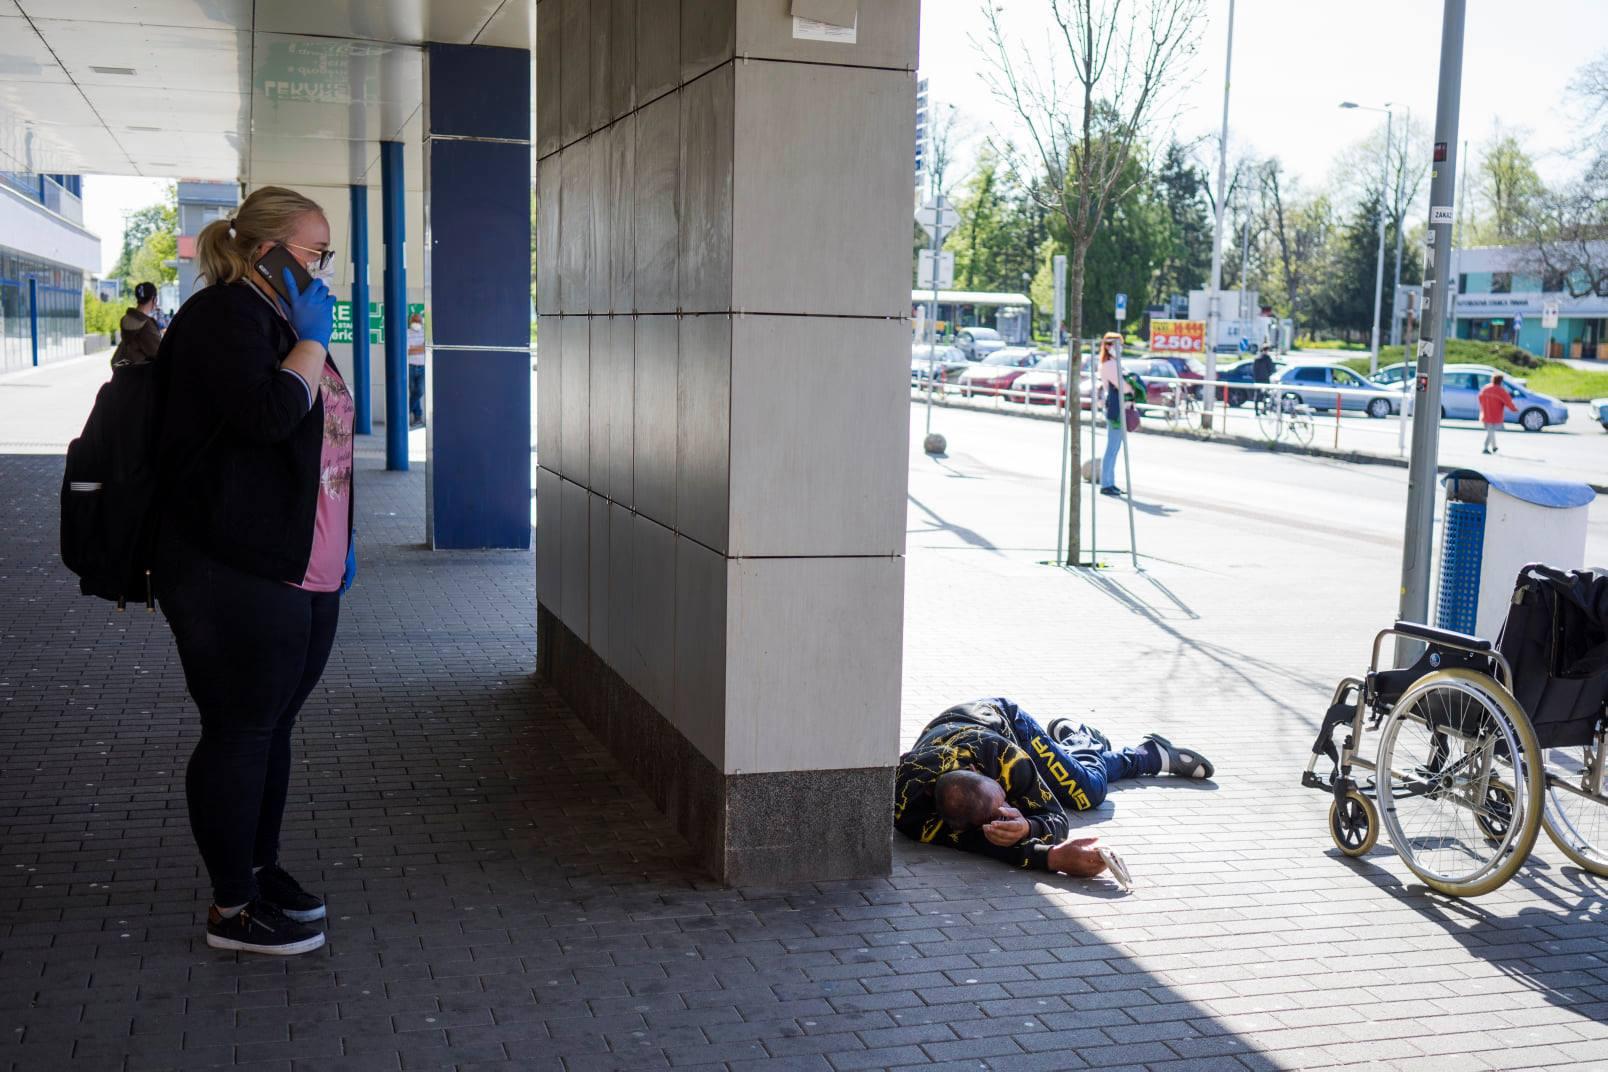 Simona rieši situáciu pri železničnej stanici. Mužovi so zdravotnými problémami volá rýchlu zdravotnú pomoc.